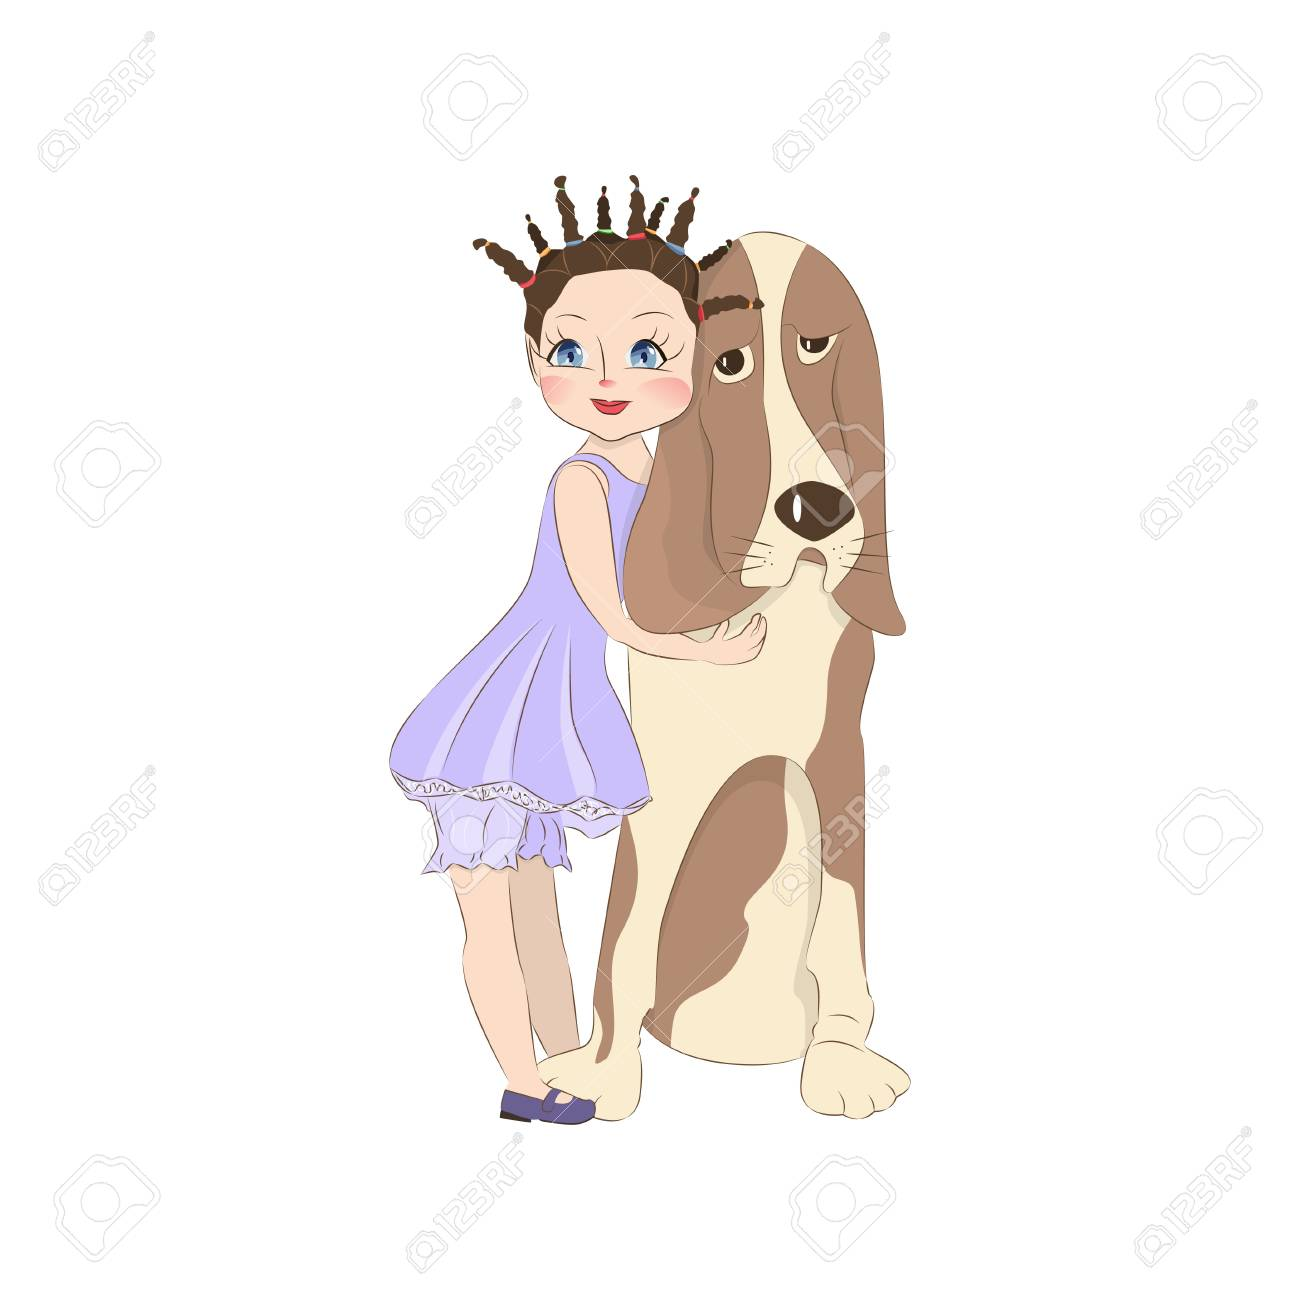 Petite Fille Mignonne Avec Son Basset Hound Chien Personnage De Dessin Animé Pour Les Vêtements Ou D Autres Utilisations Dans Le Vecteur T Shirt